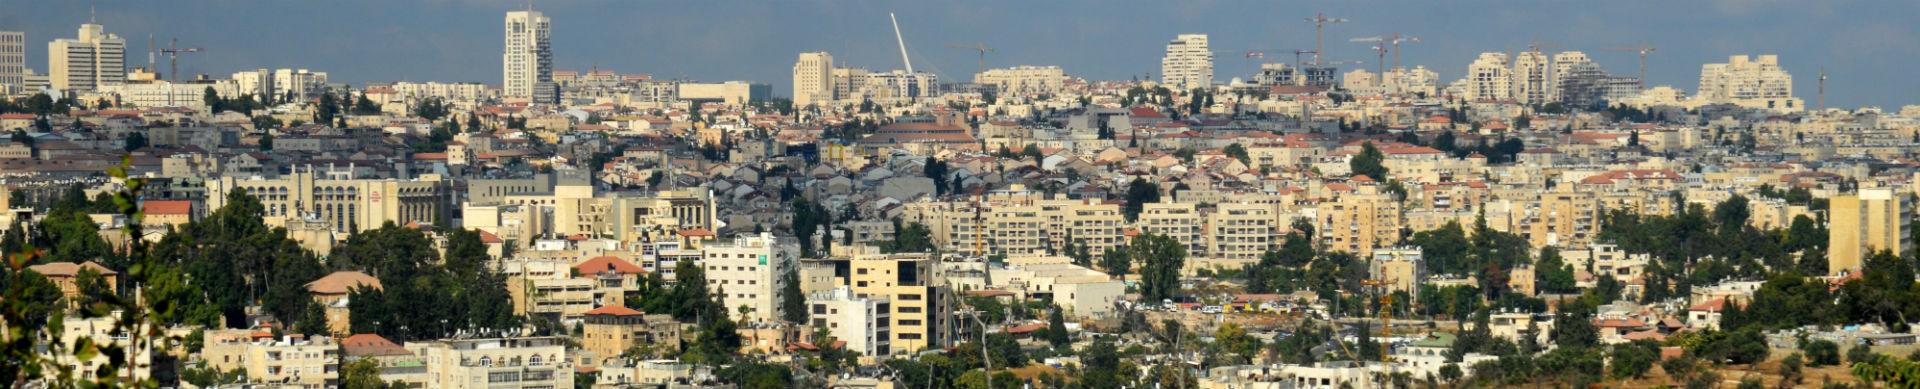 מרחב ירושלים